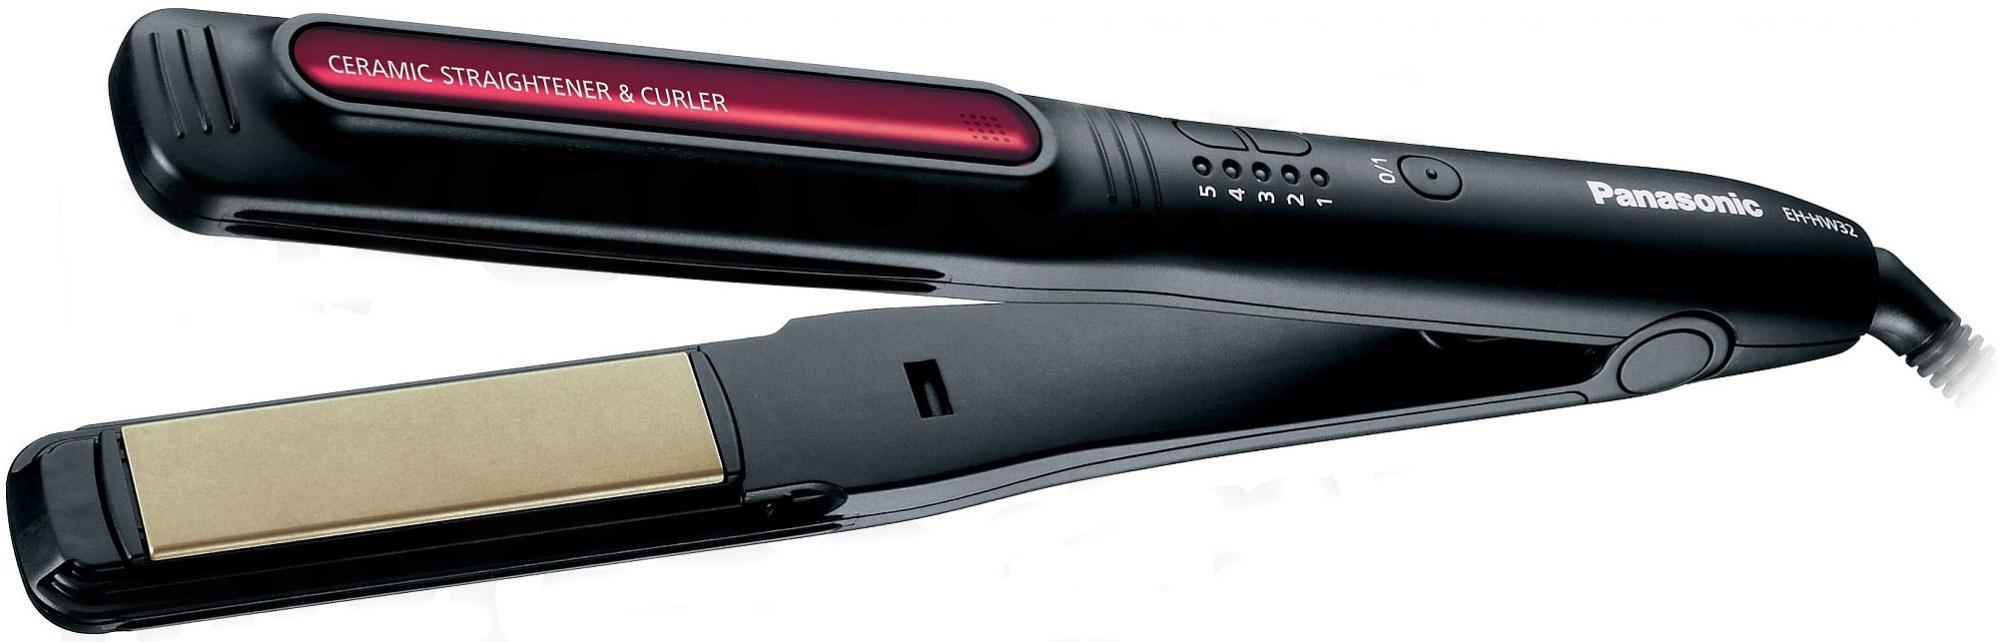 Щипцы Panasonic EH-HW32-K865 - щипцы для выпрямления волос (Black/Red)